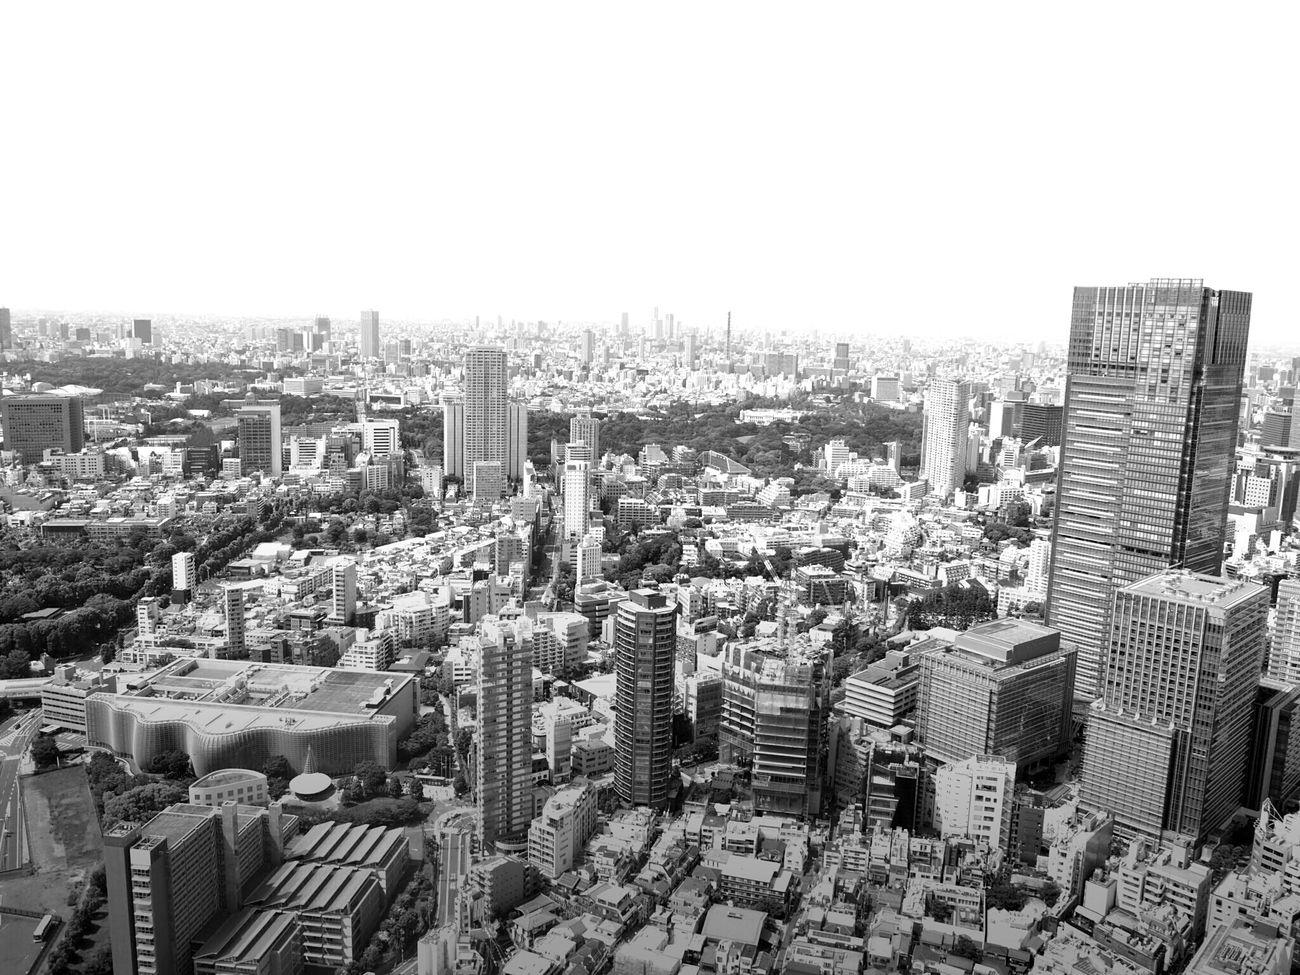 六本木ヒルズ Tokyo Taking Photos Landscape Monochrome Blackandwhite Architecture Clouds And Sky City Cityscapes